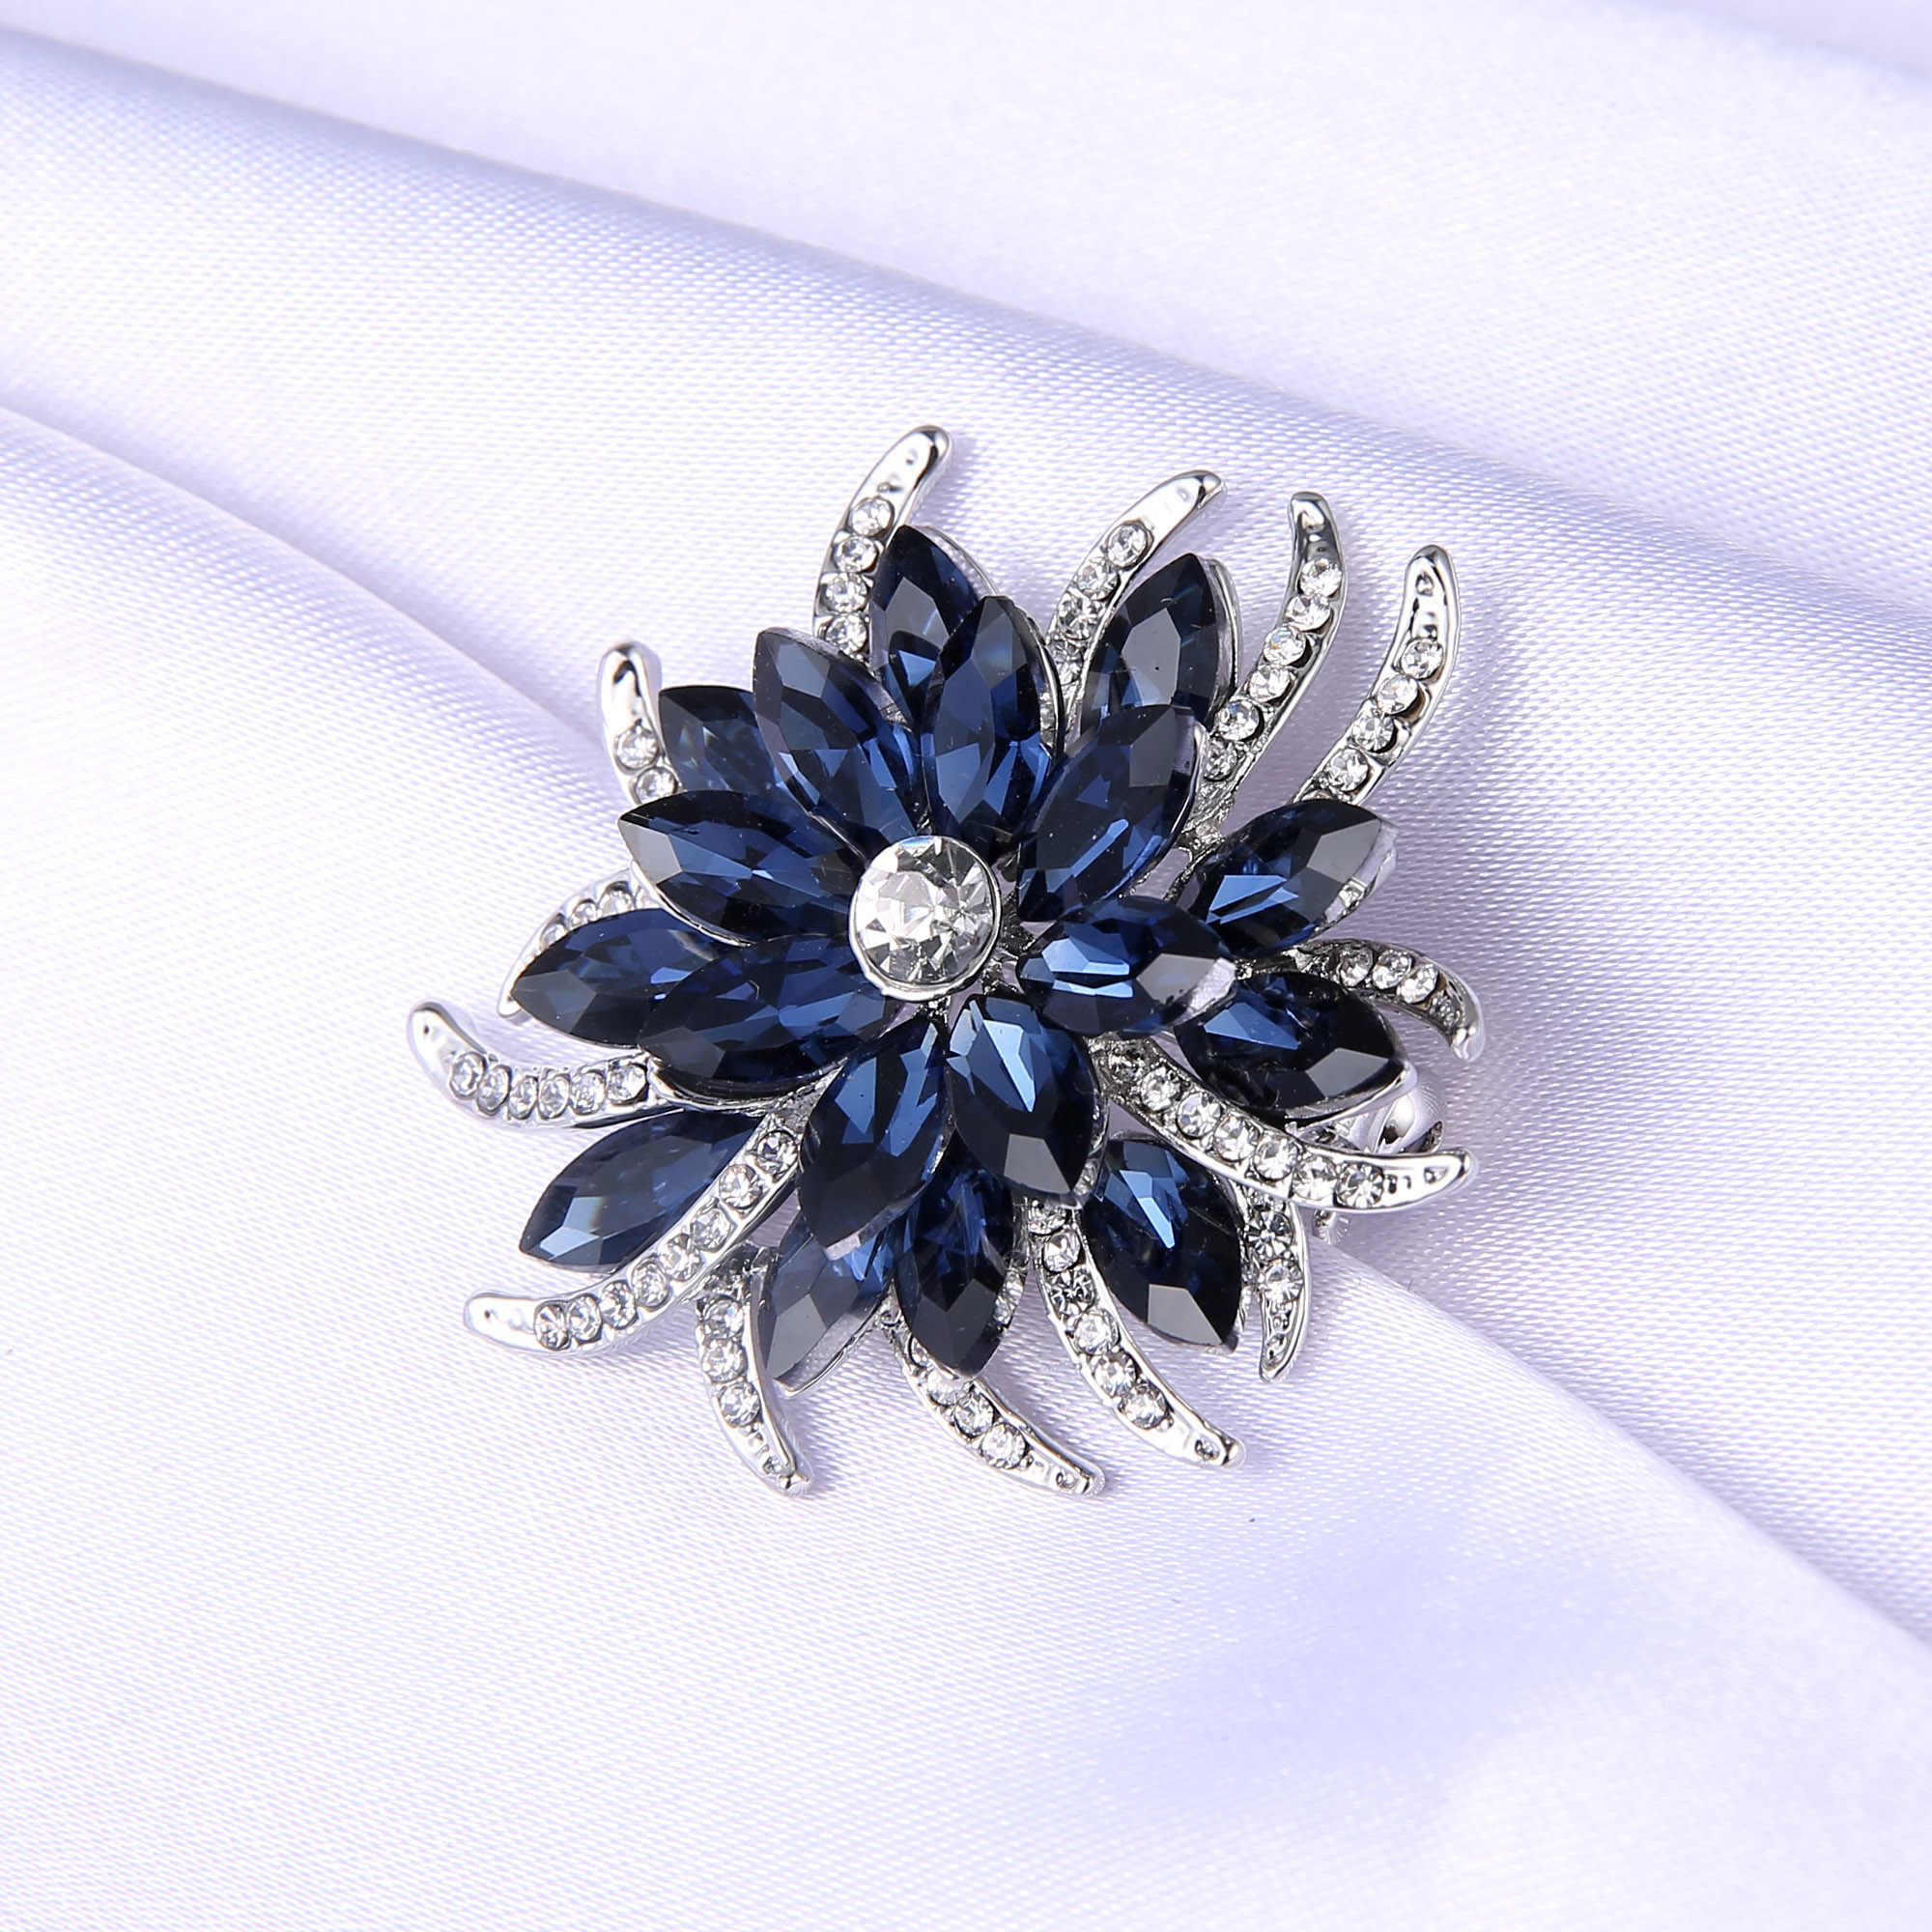 Cristal broche Broches femmes violet fleur Broches en acier inoxydable bijoux mode mariage fête broche bijoux de mode